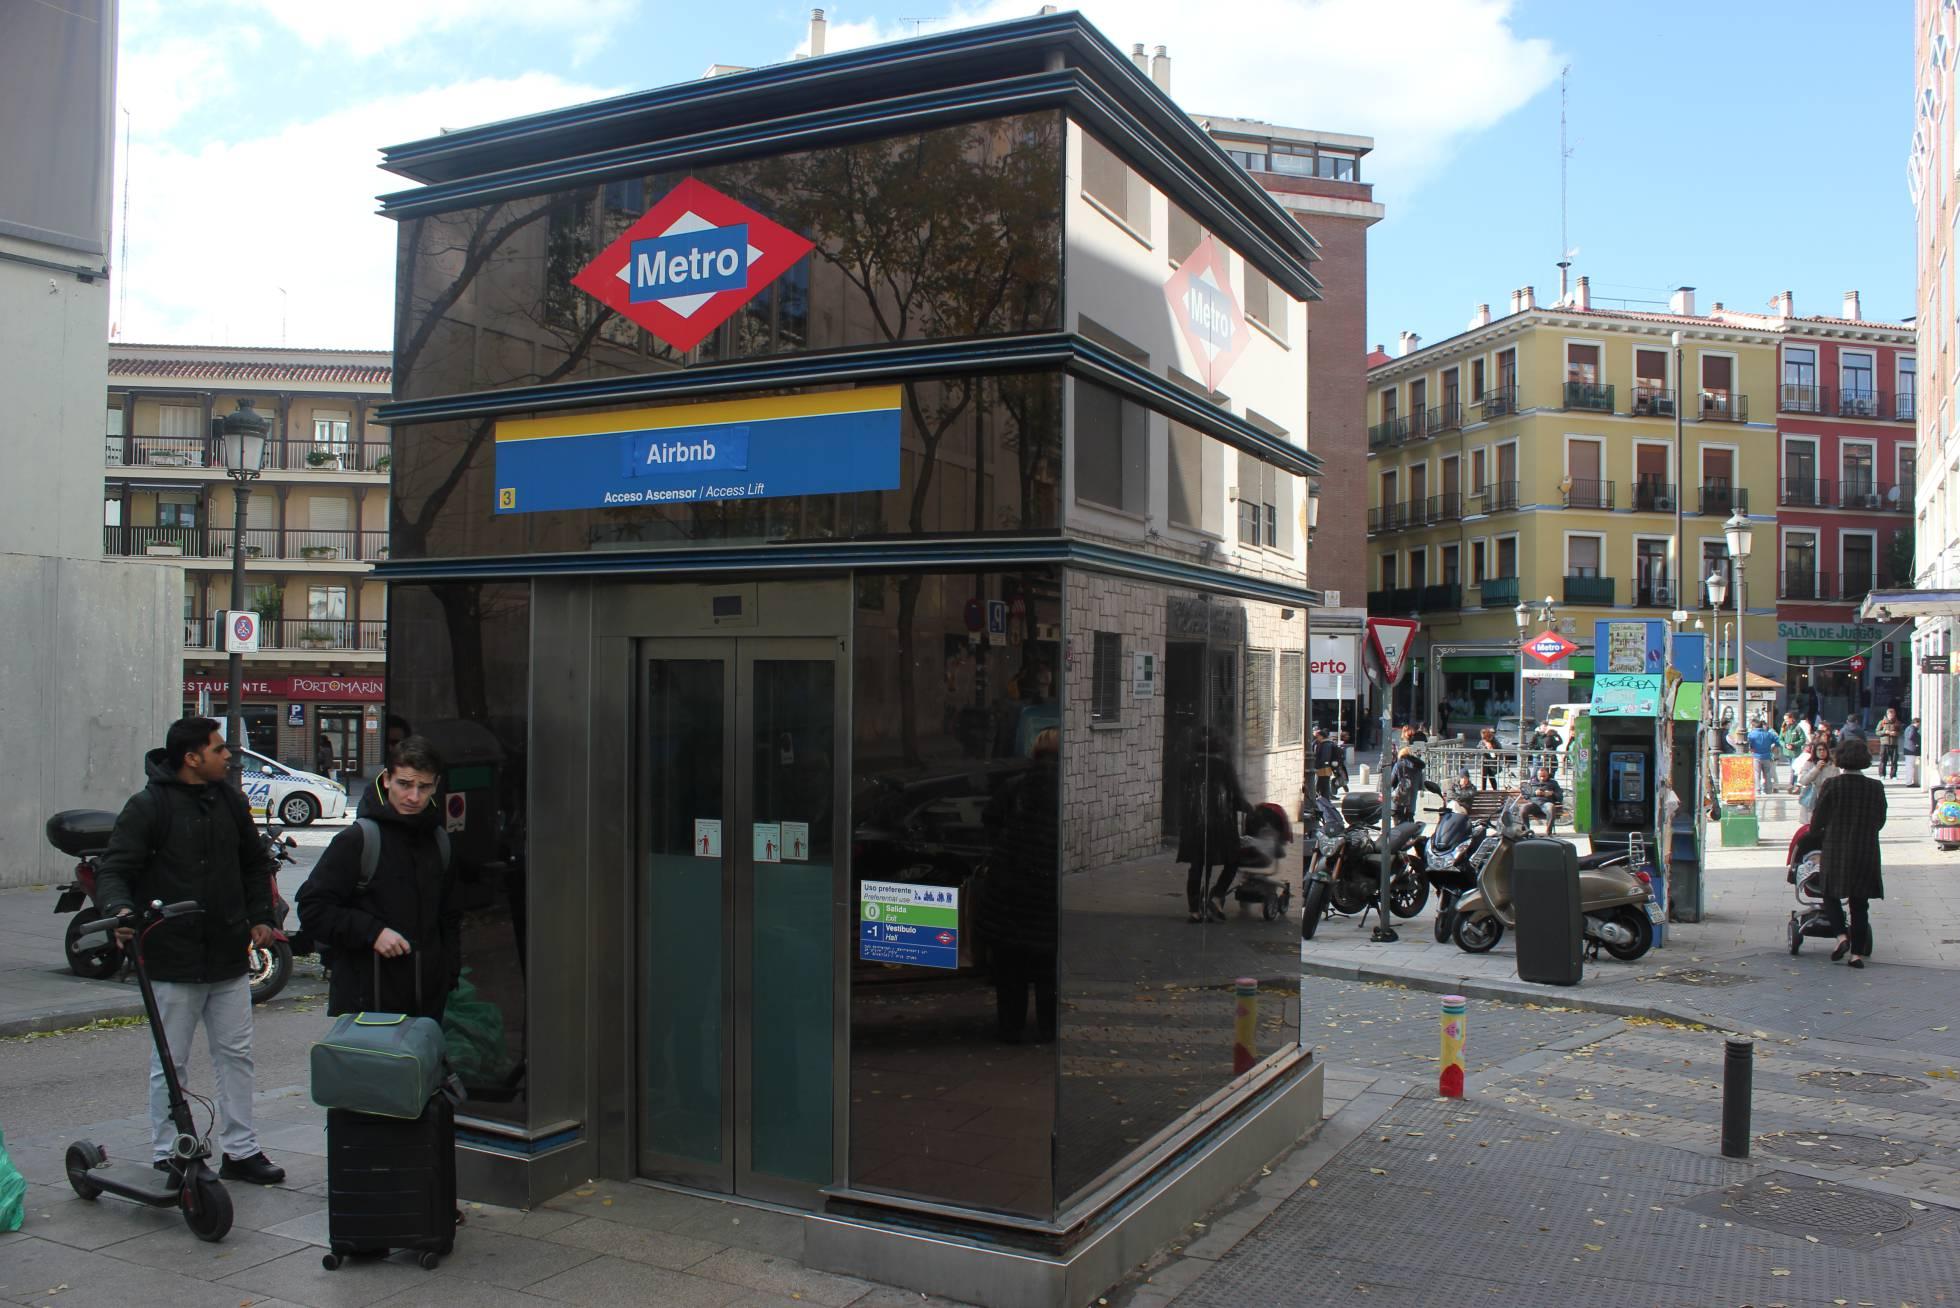 Добро пожаловать на станцию метро  Airbnb в Мадриде